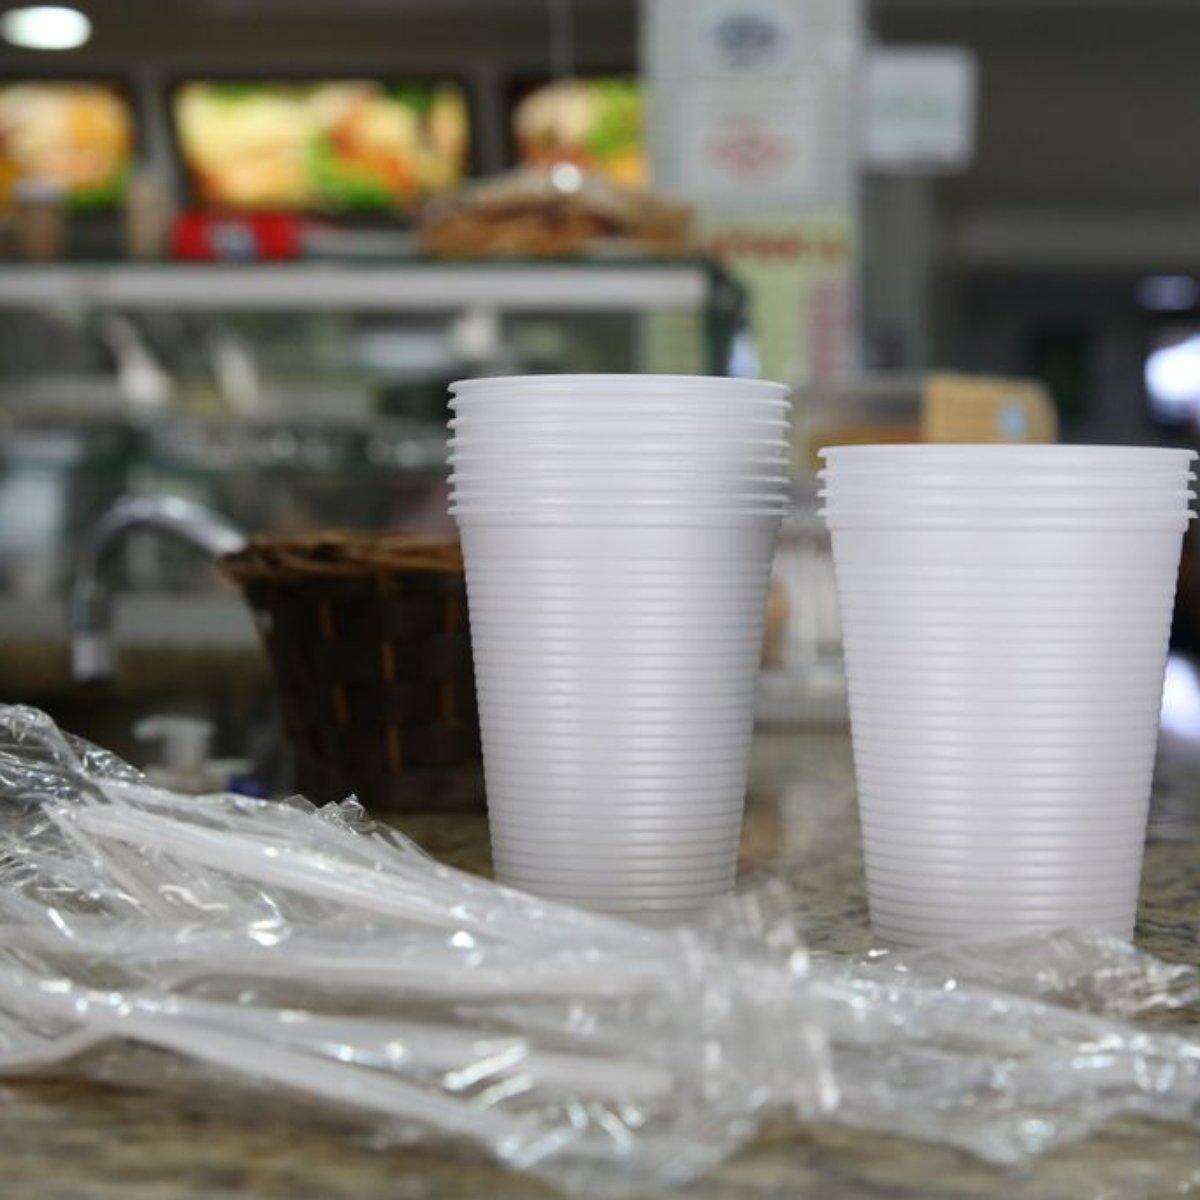 São Paulo proíbe fornecimento de plásticos descartáveis em estabelecimentos comerciais